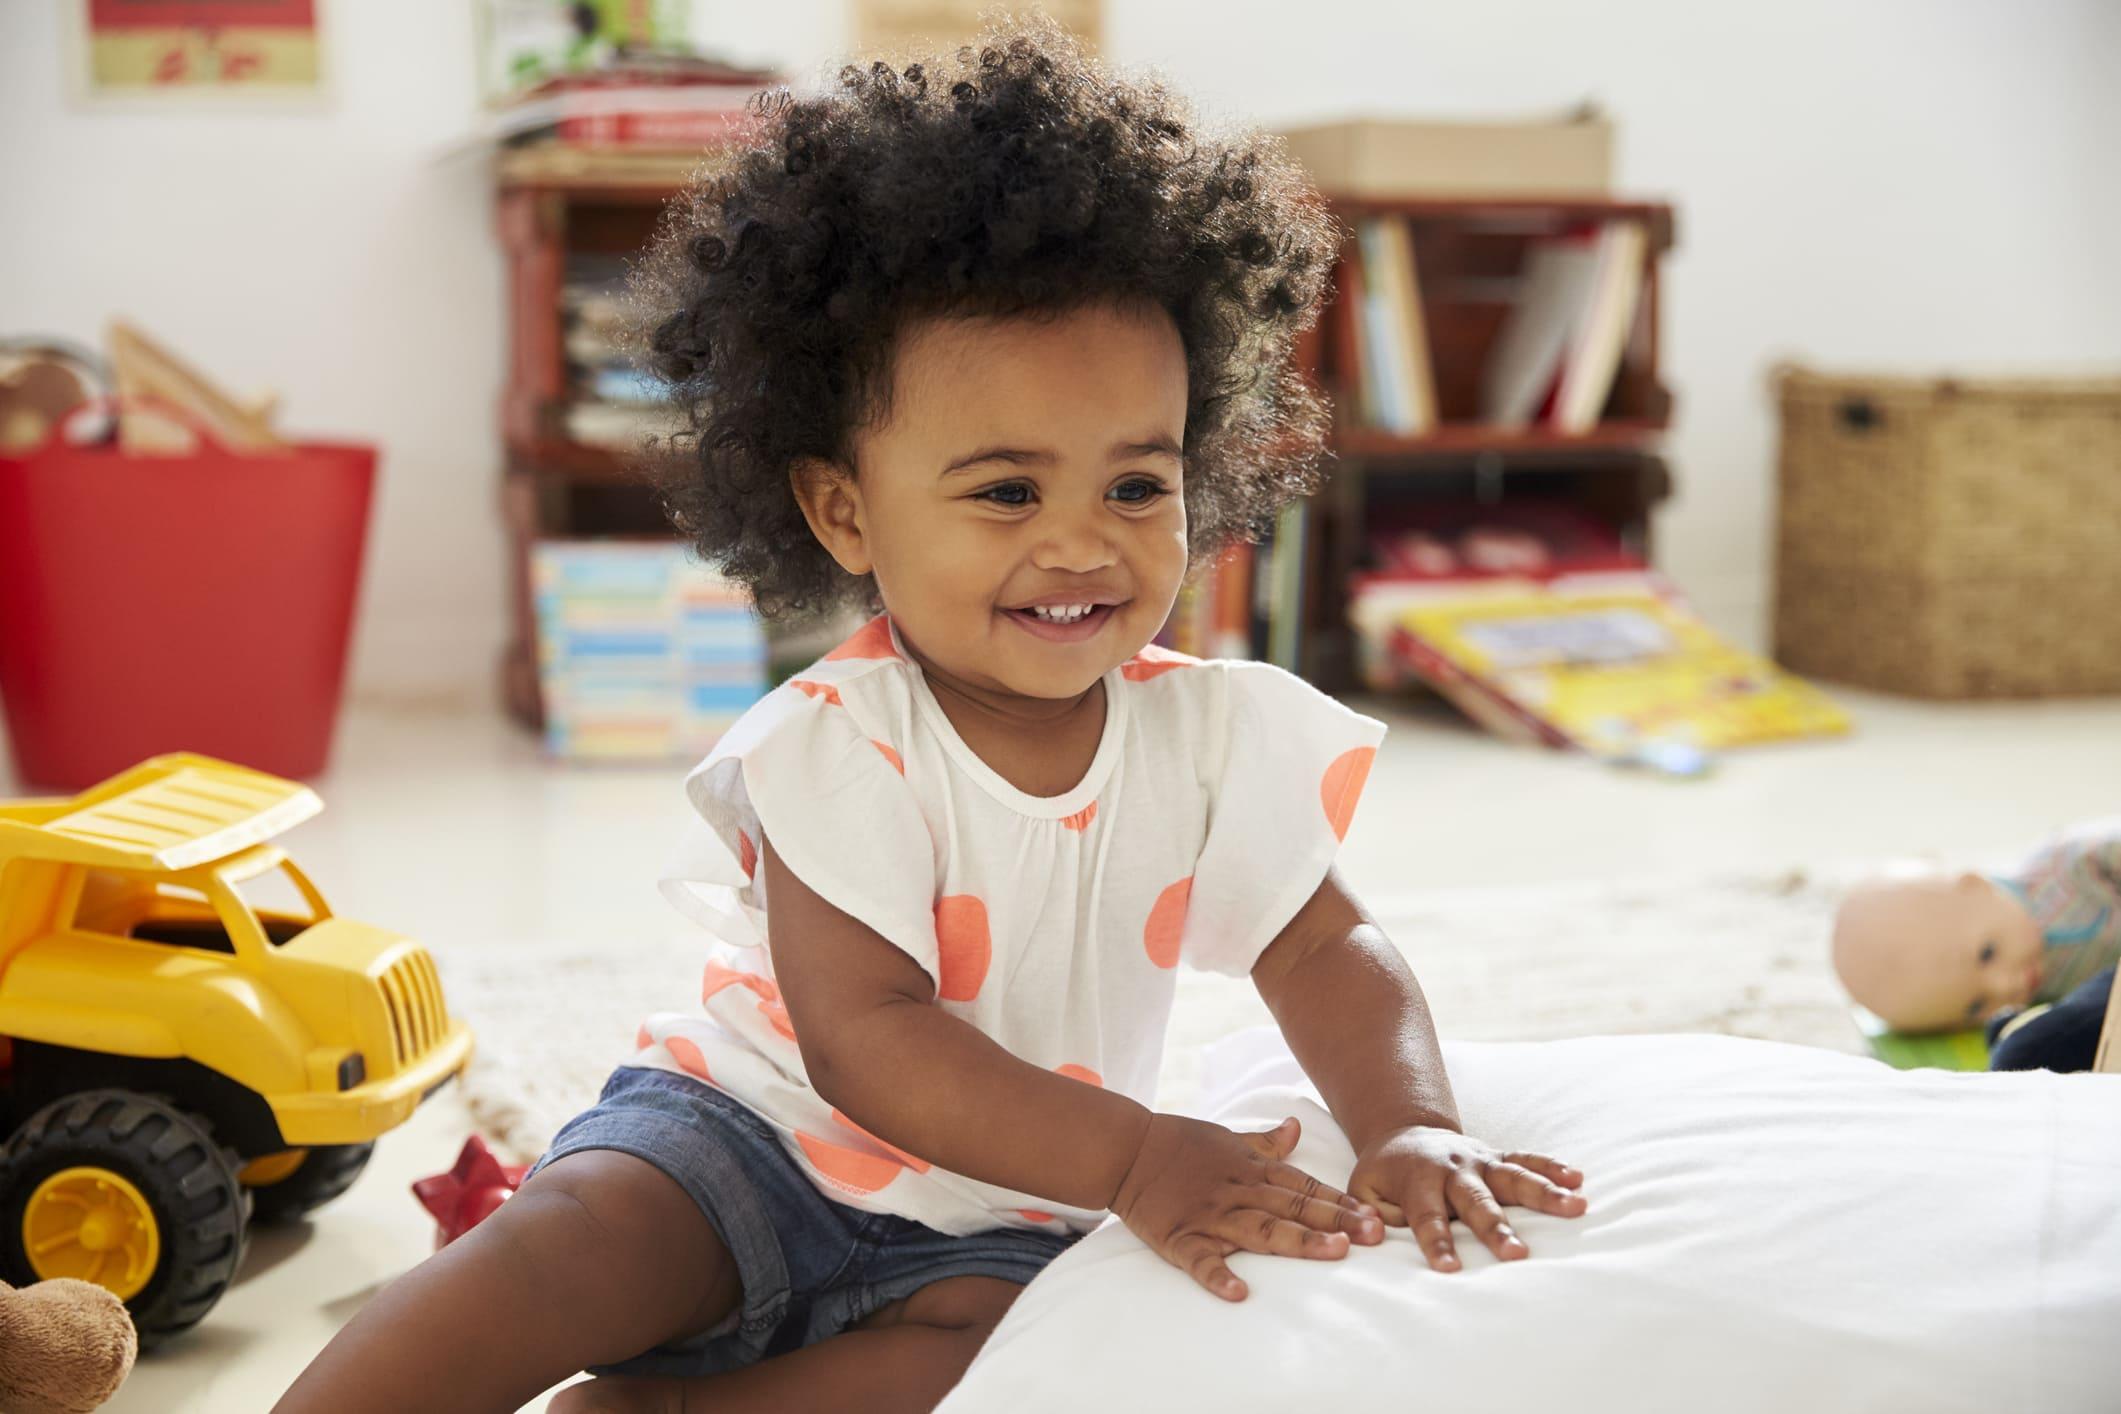 Seguridad del bebé en casa - Vive Más Vidas